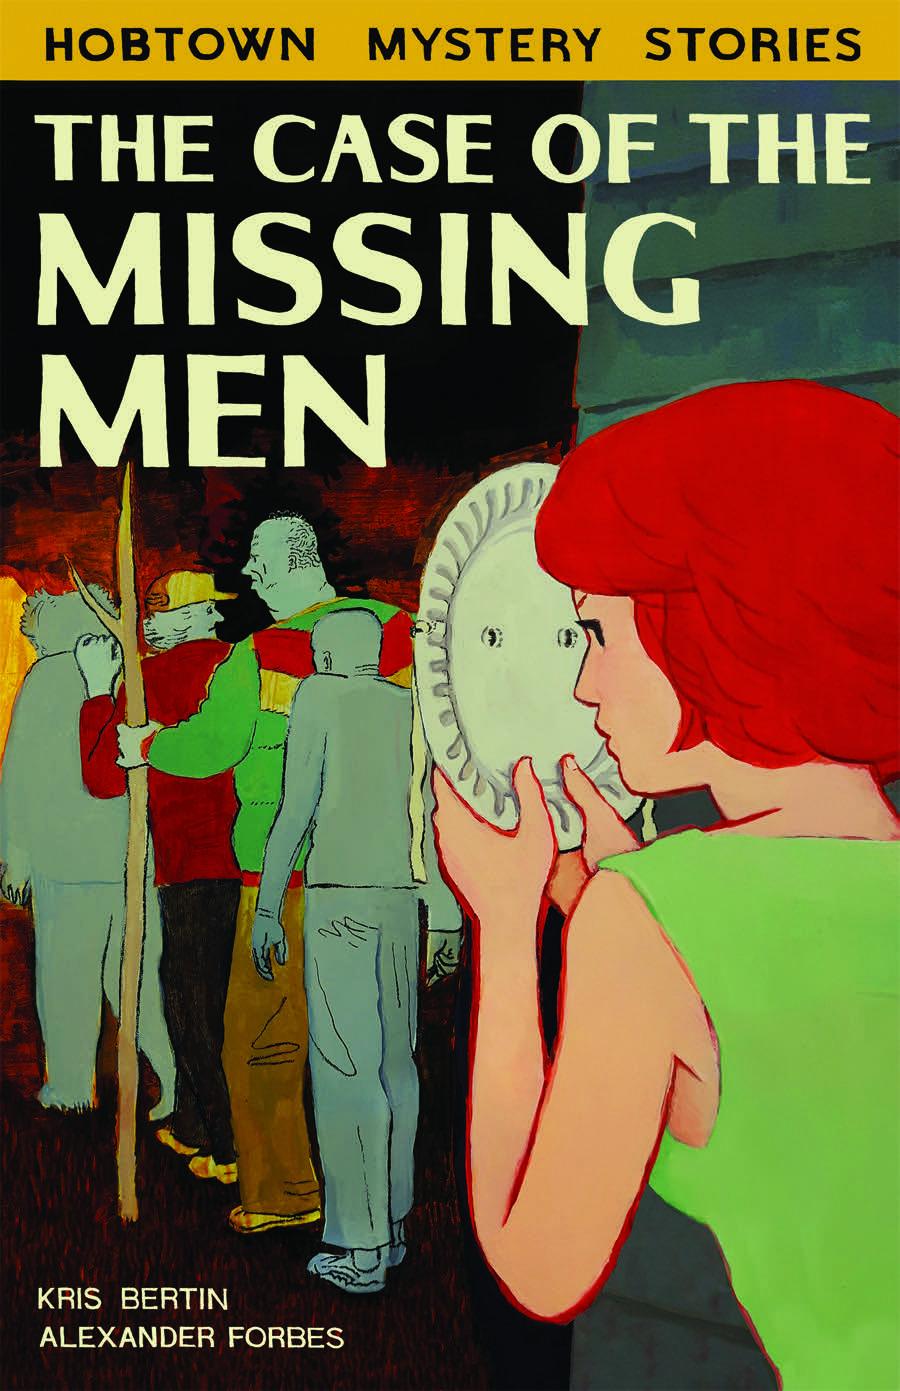 missingmencover.jpg